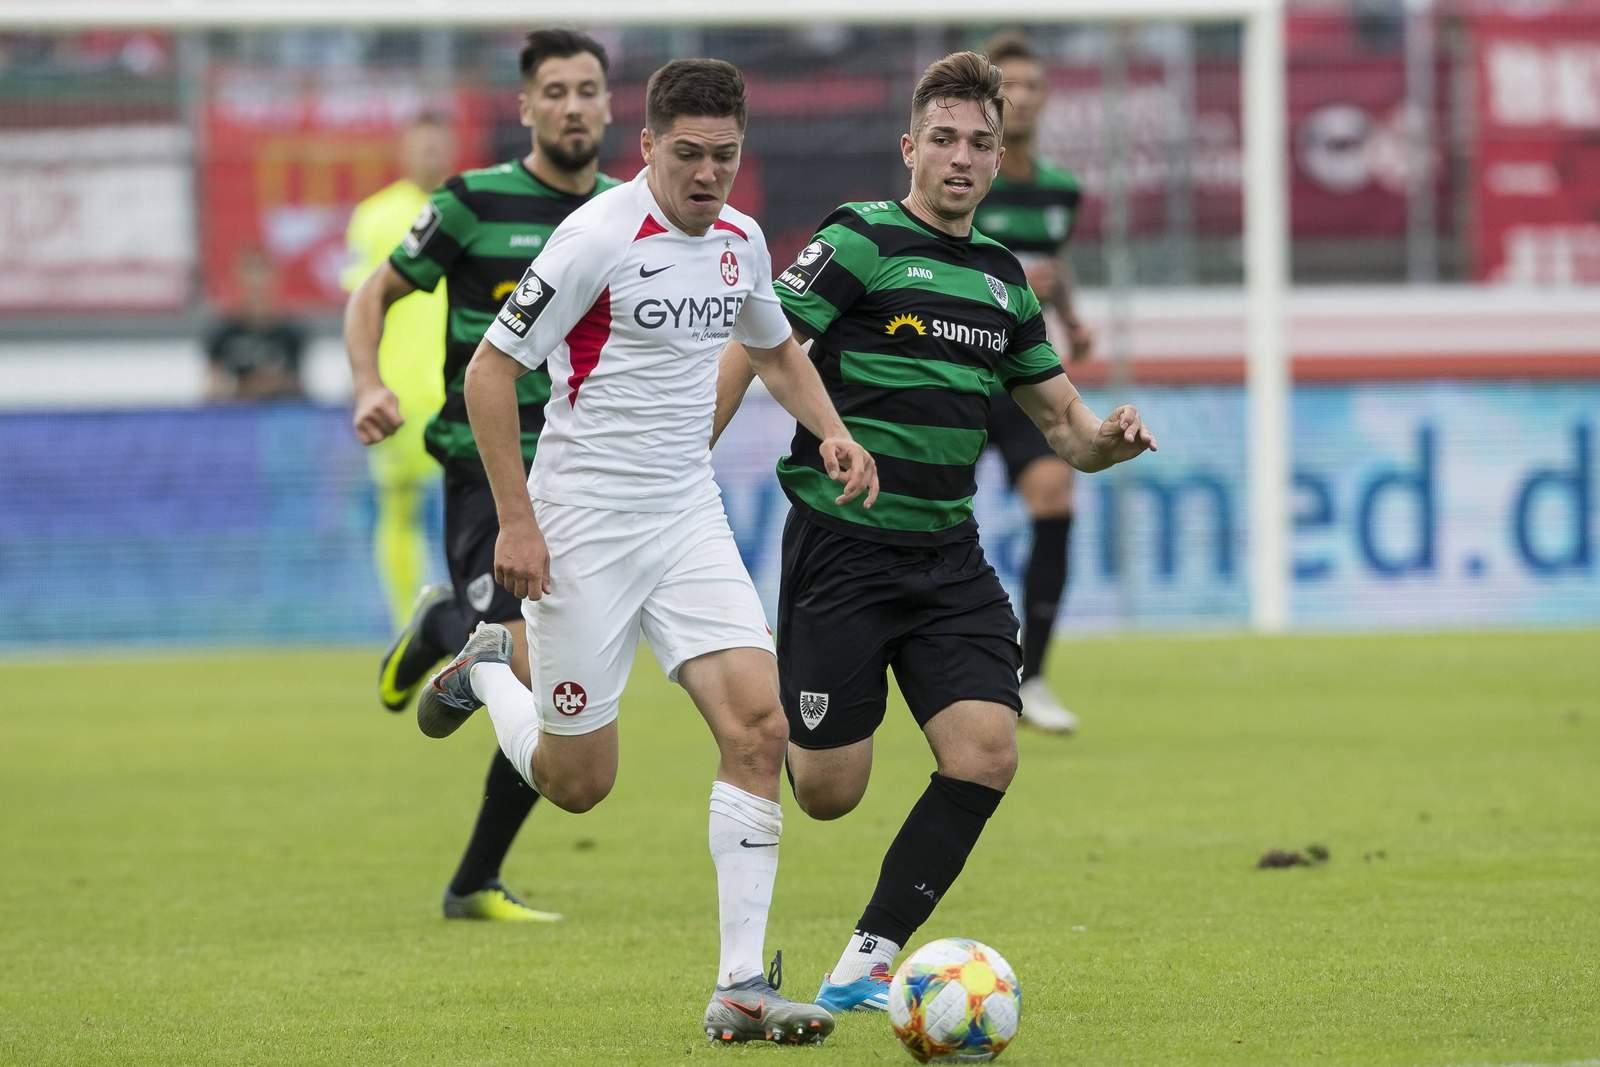 Dominik Schad vom FCK gegen Luca Schnellbacher von Preußen Münster